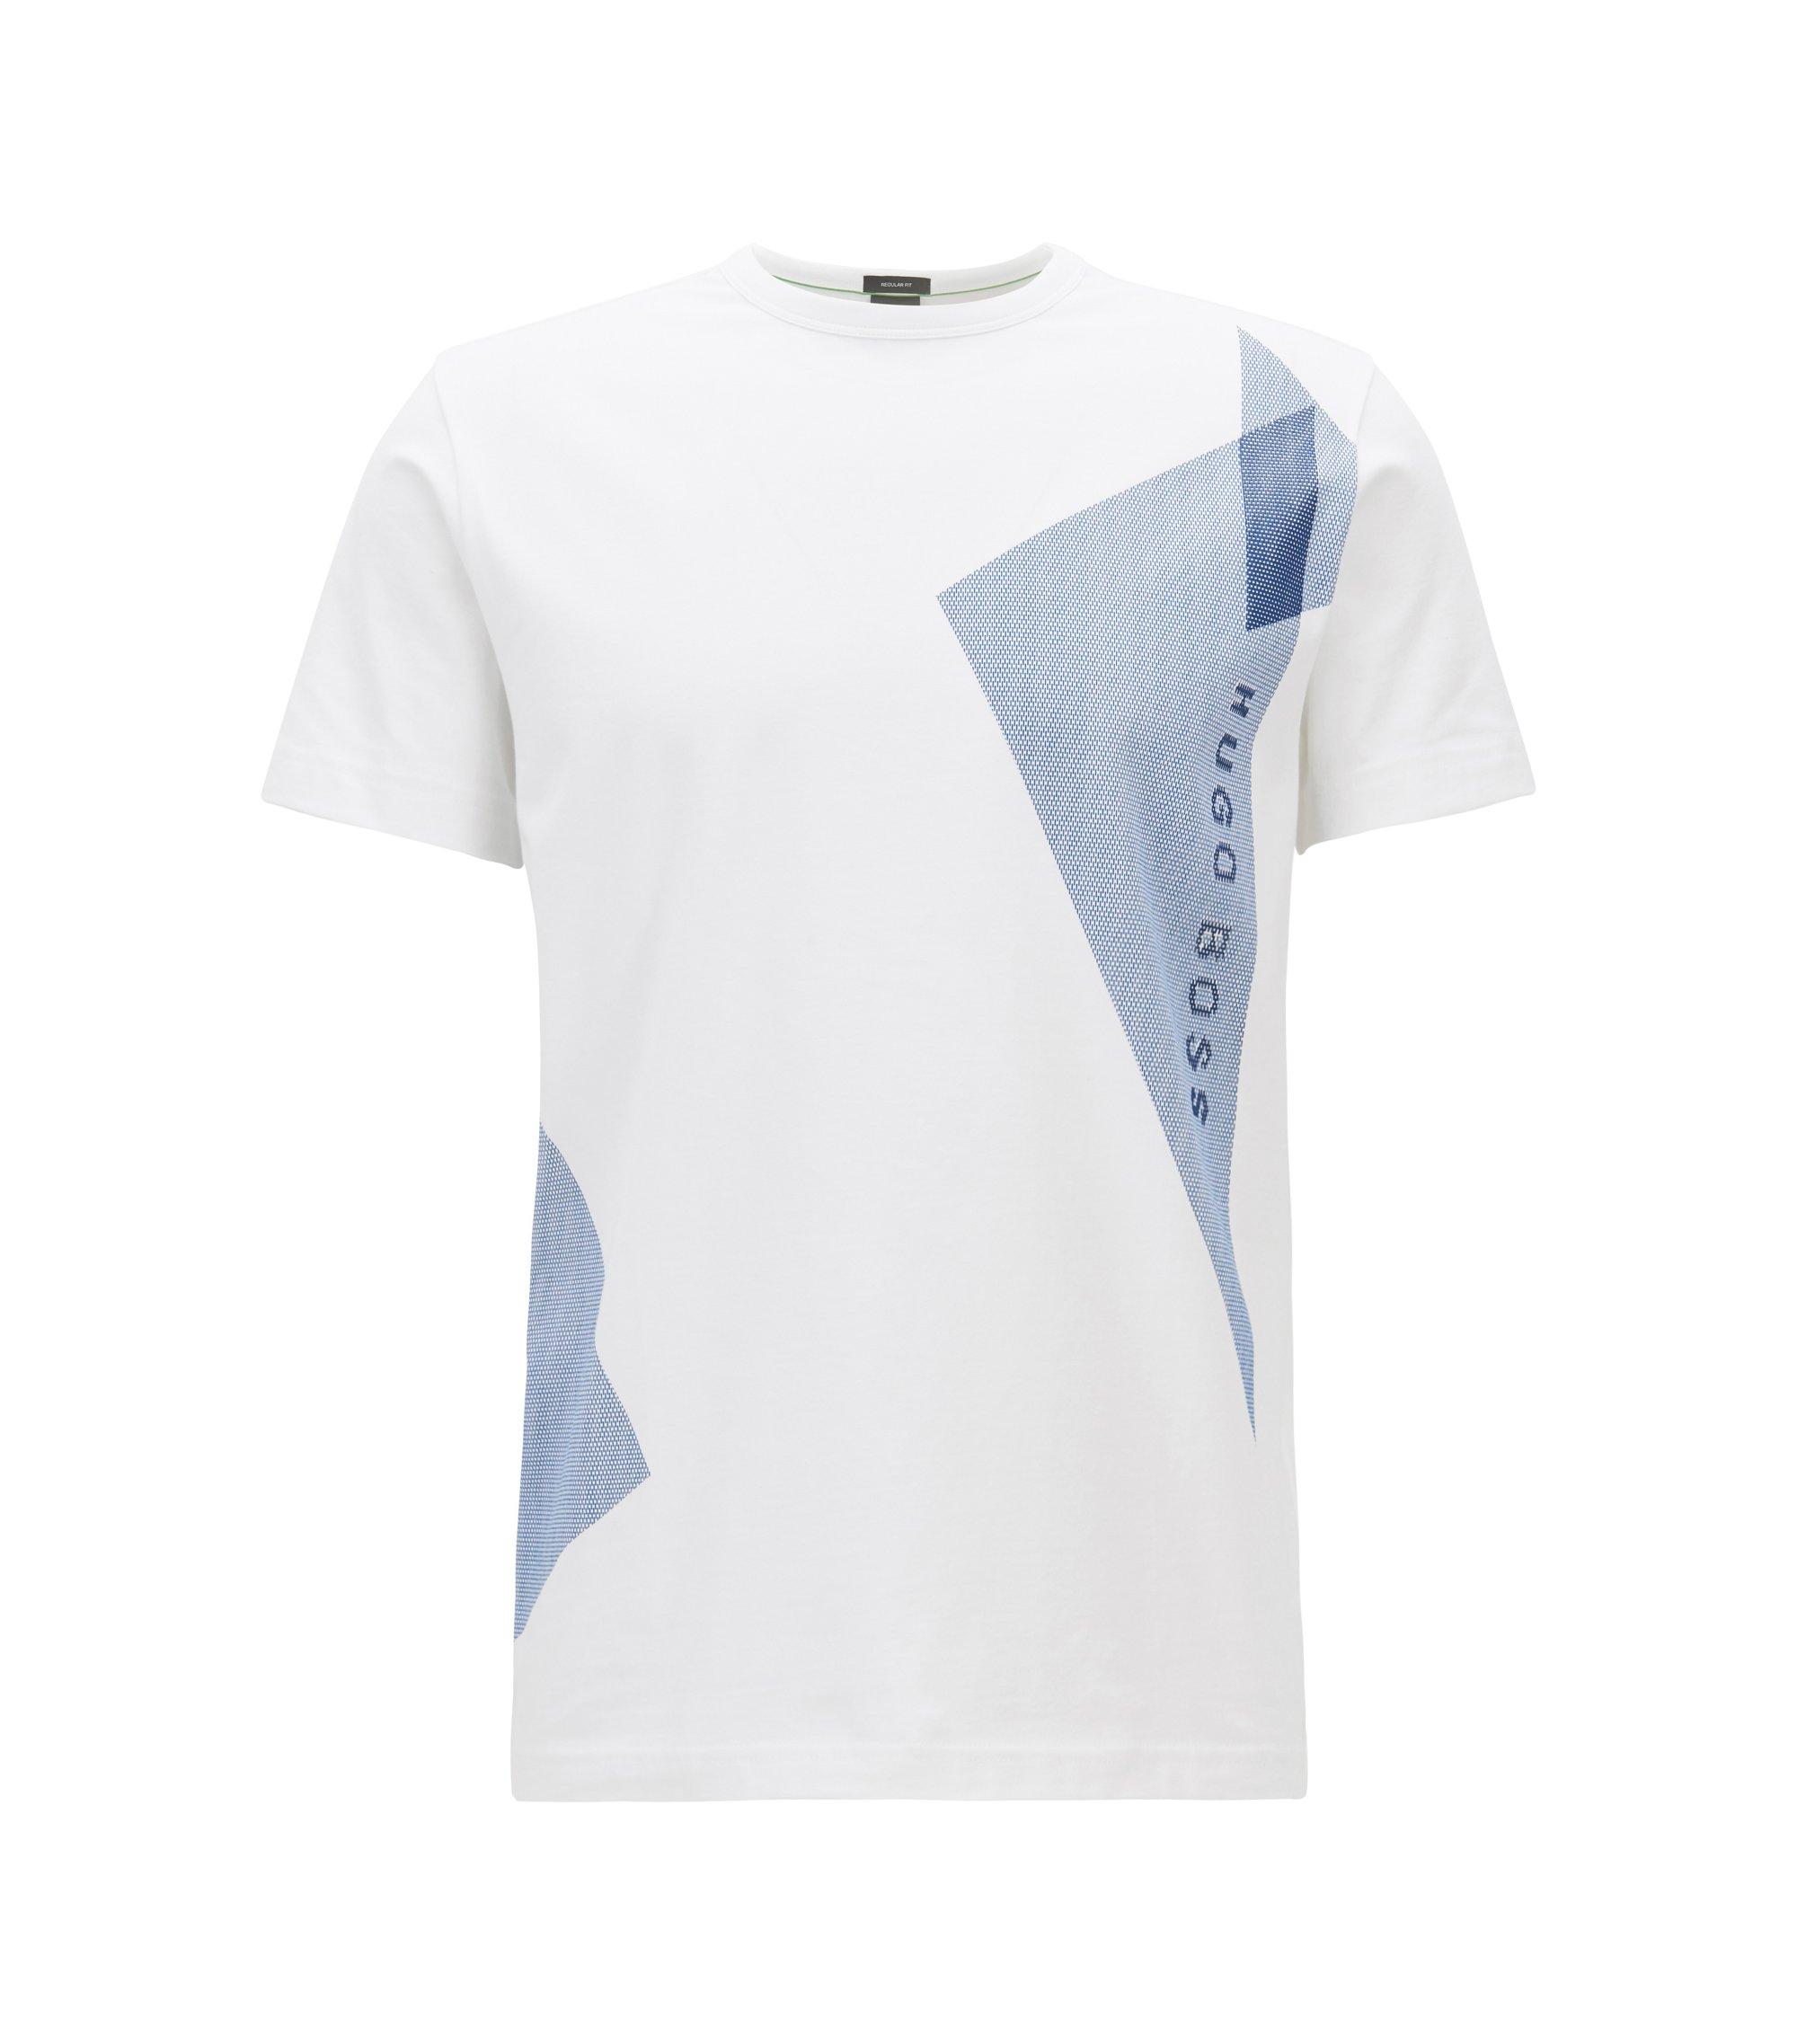 T-shirt in cotone elasticizzato con decorazione con logo, Bianco